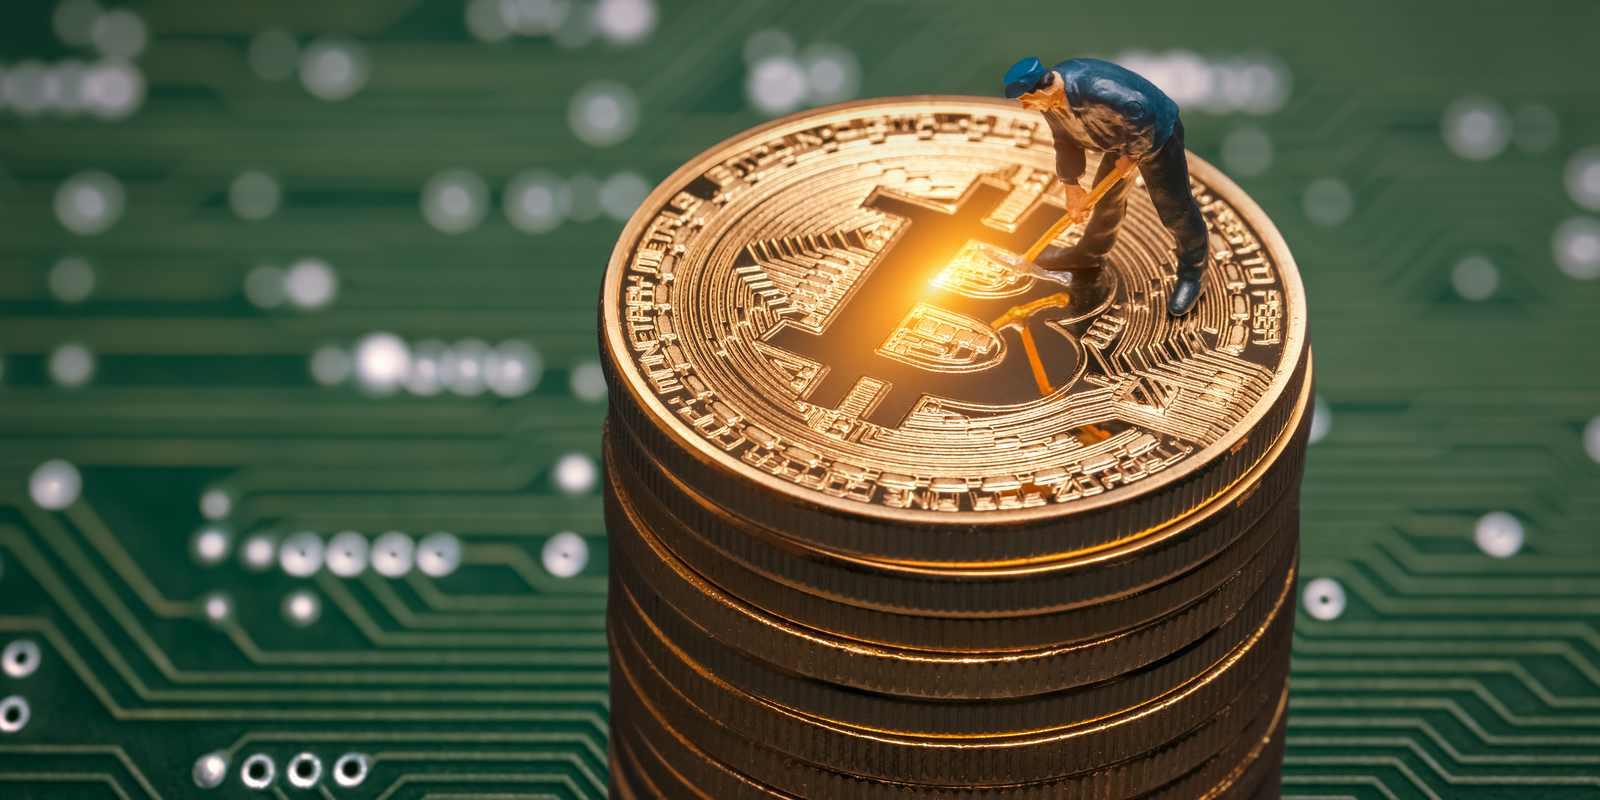 Deux mois après son halving, le hashrate du Bitcoin connaît un record absolu